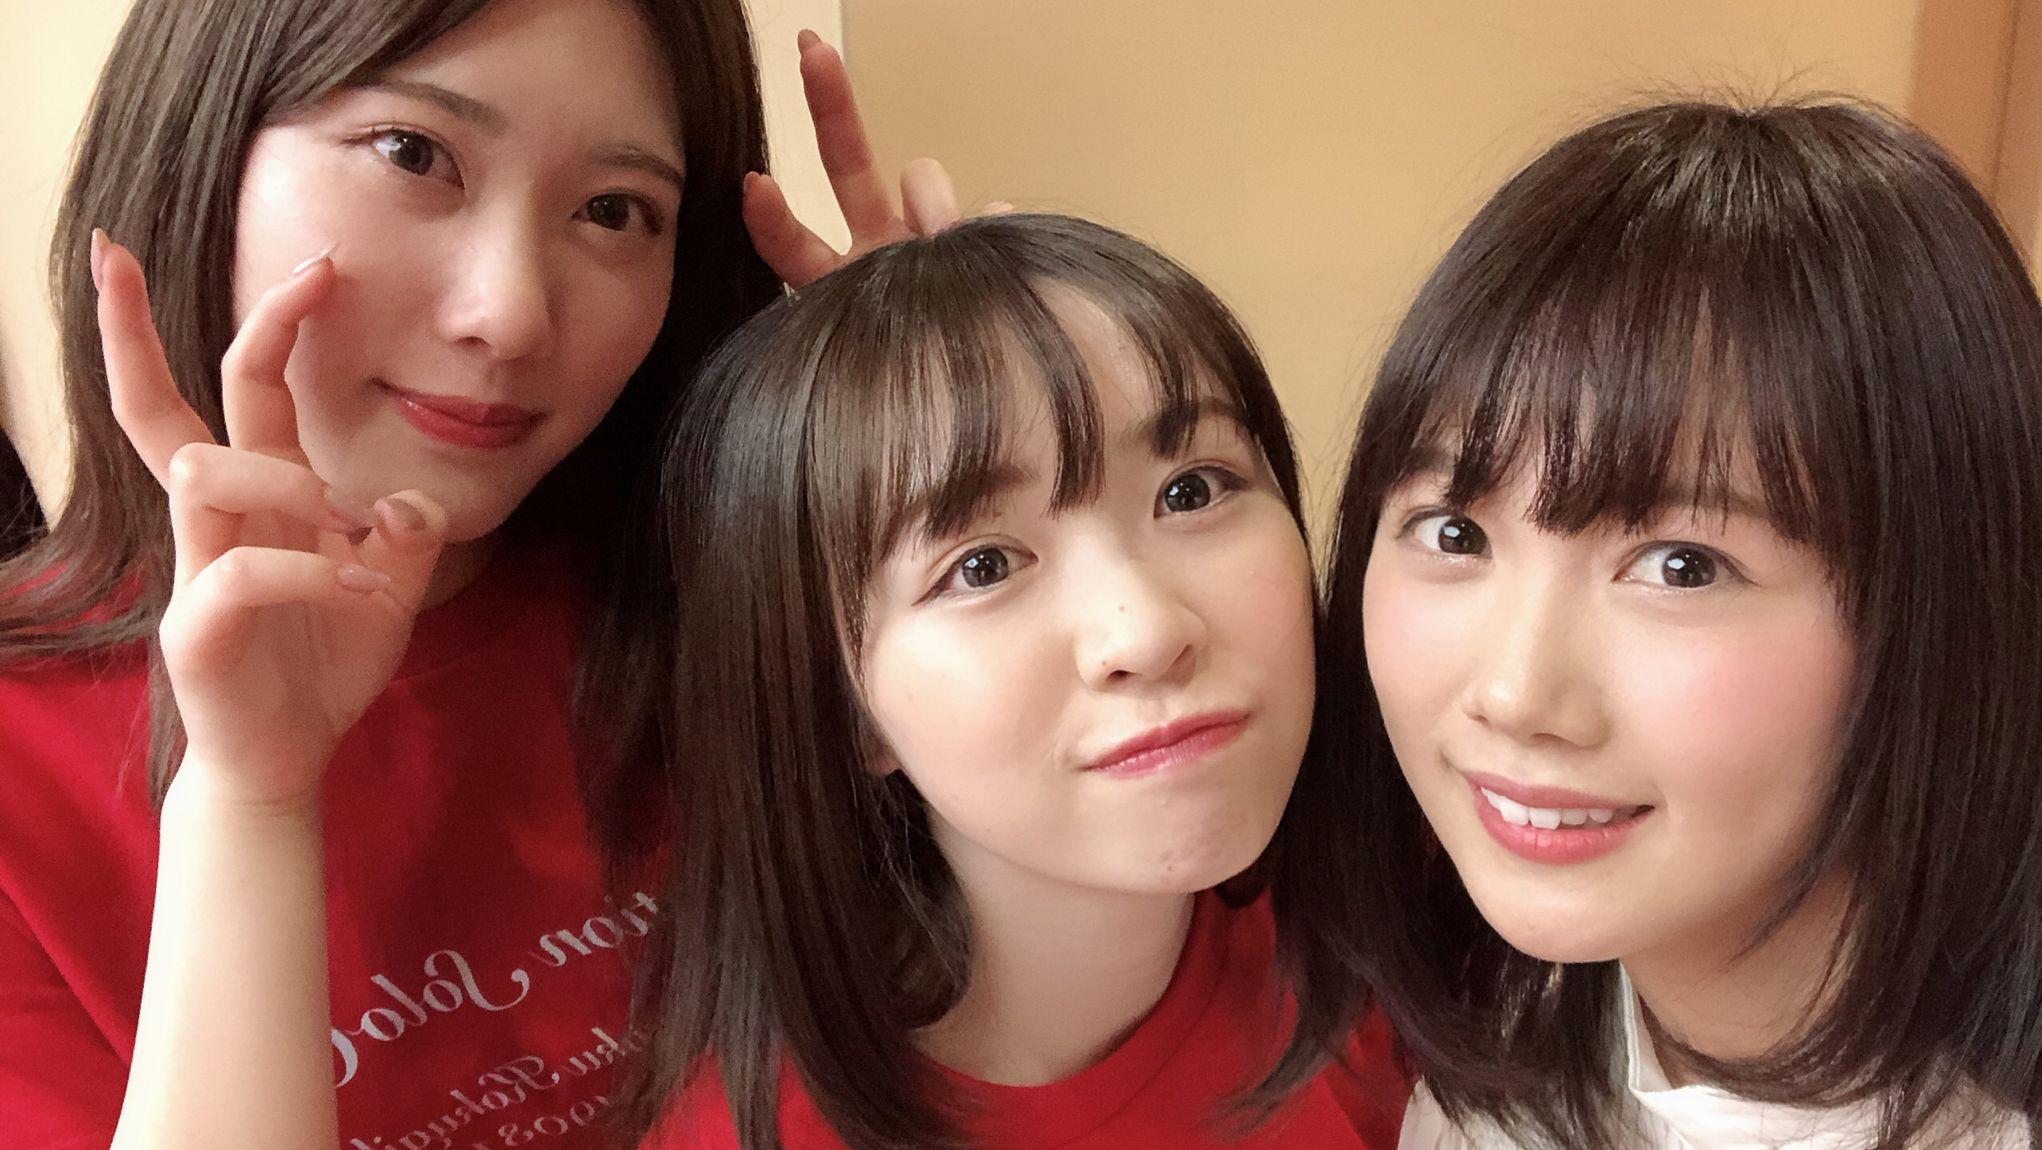 乃木坂46 渡辺みり愛 2019/03/20 博客